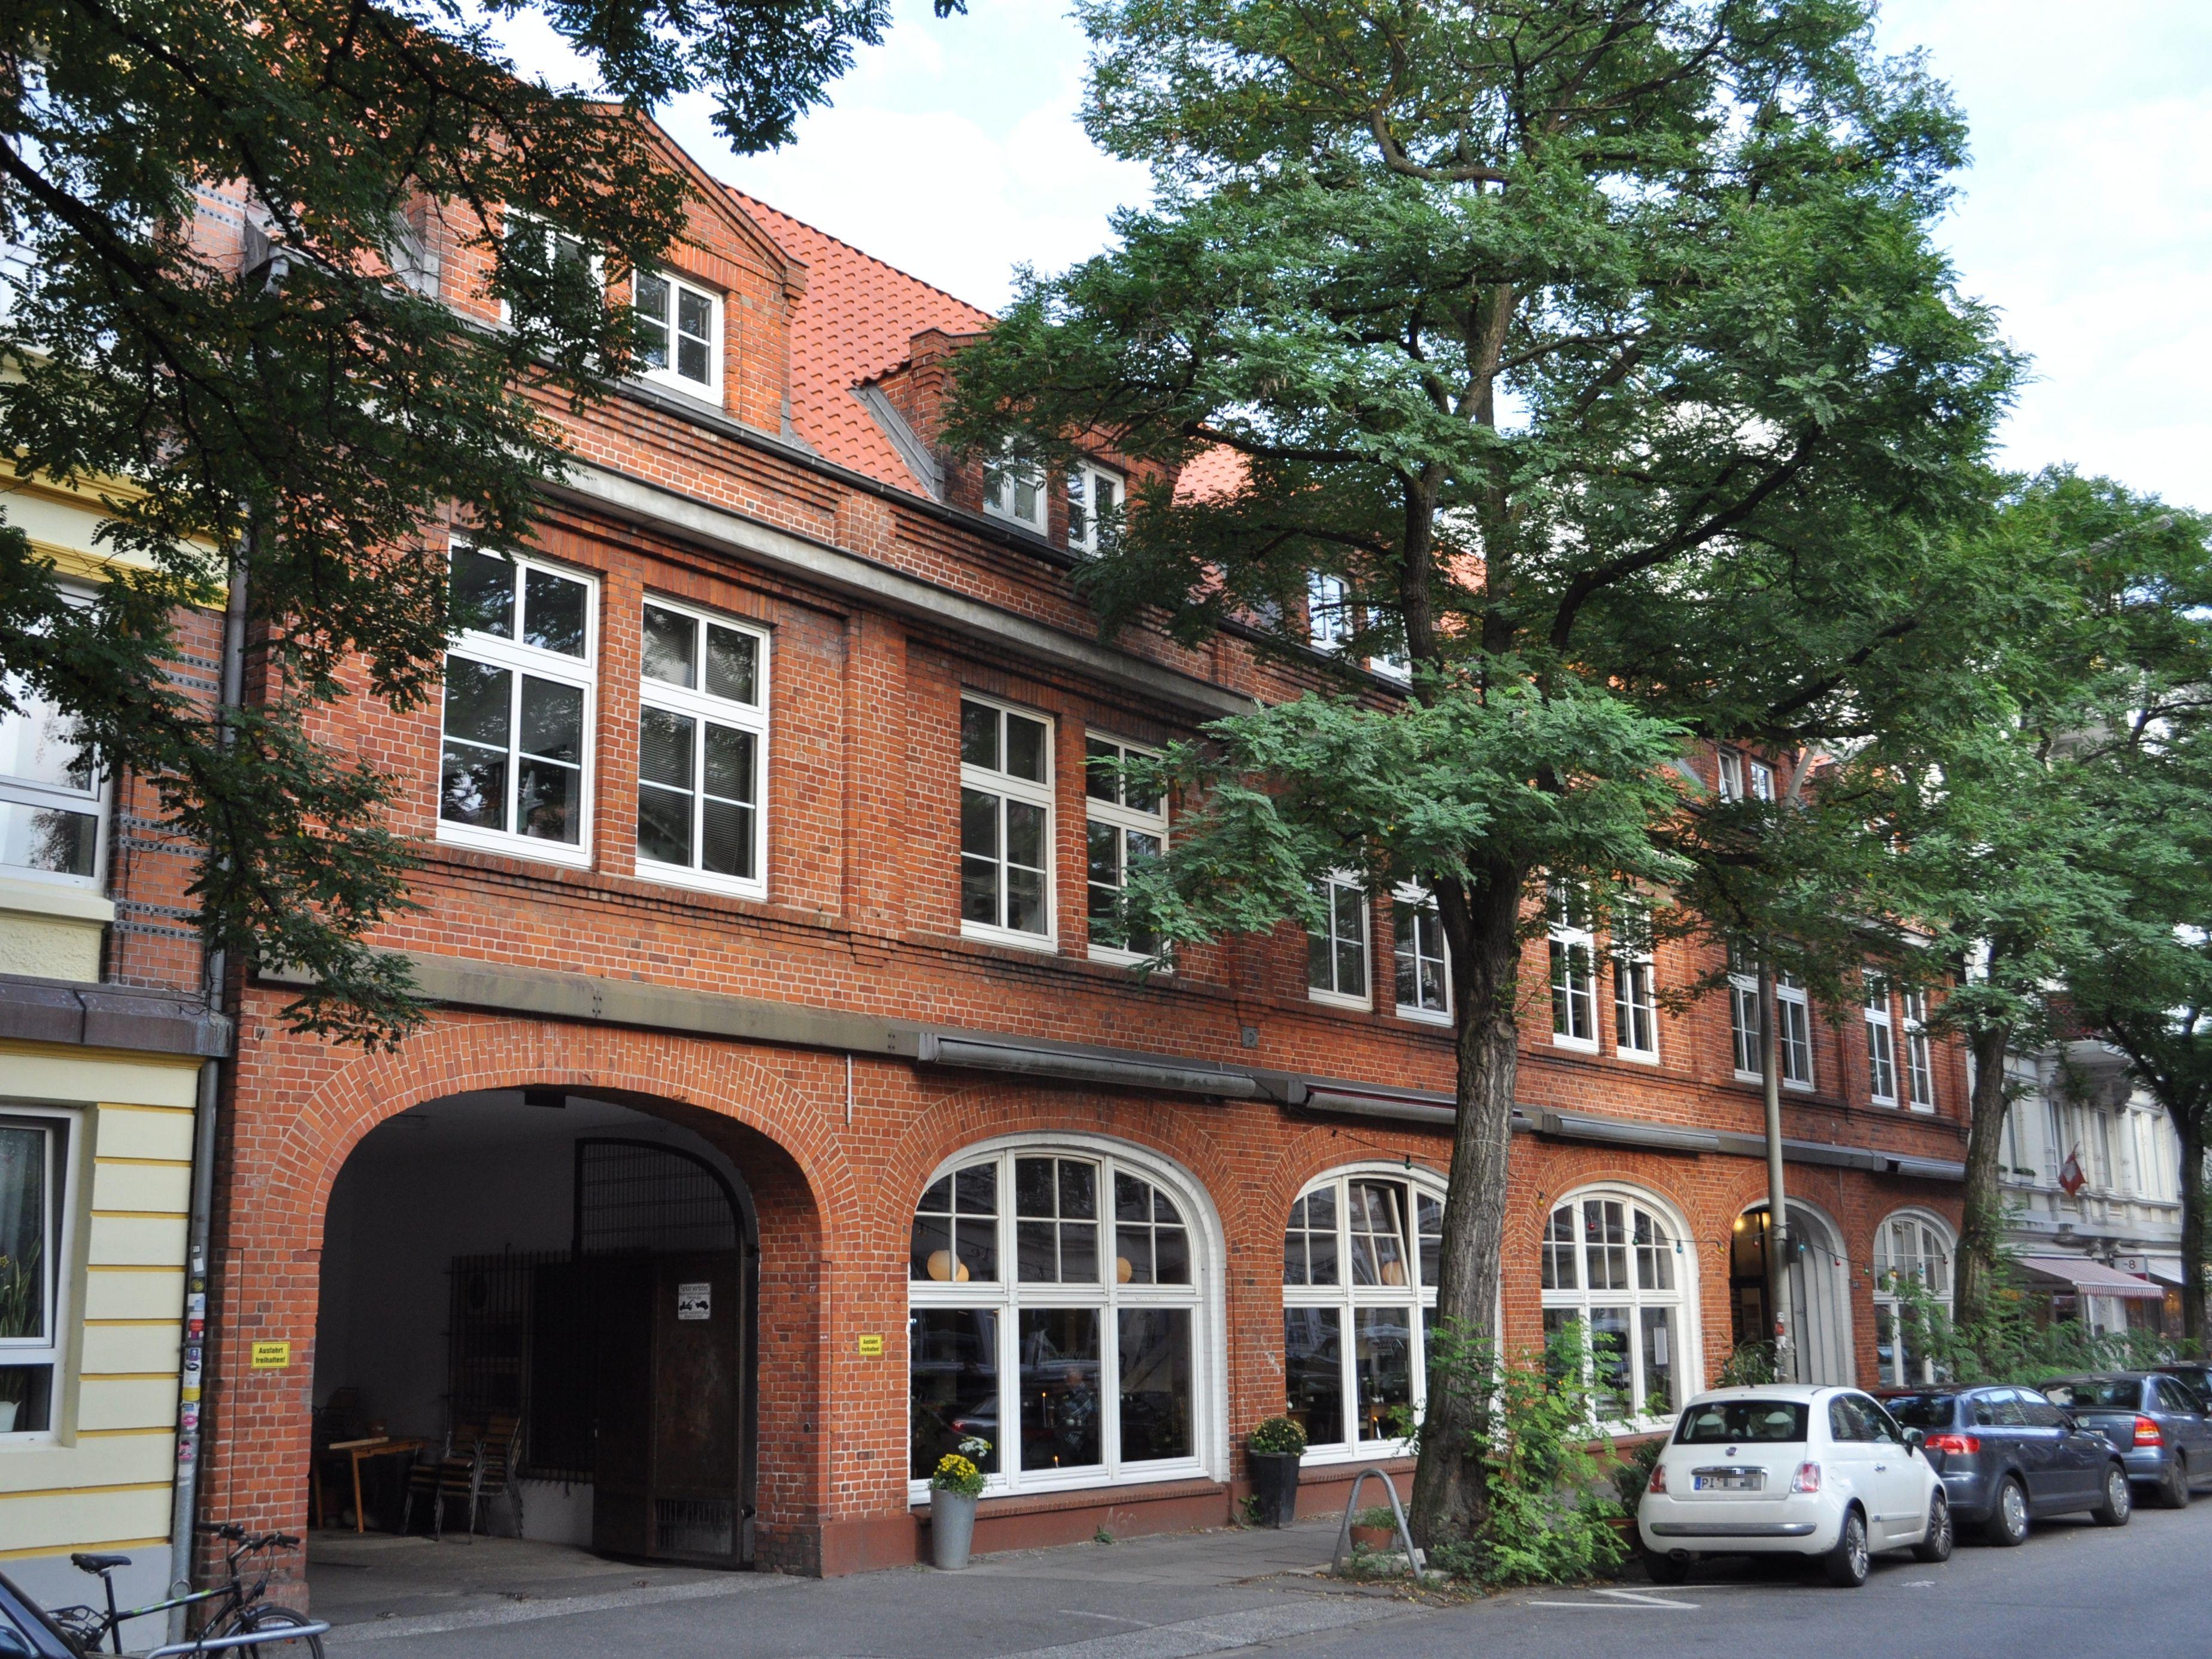 Küchenutensilien Hamburg Ottensen ~ datei friedensallee 14 16 (hamburg ottensen) ajb jpg